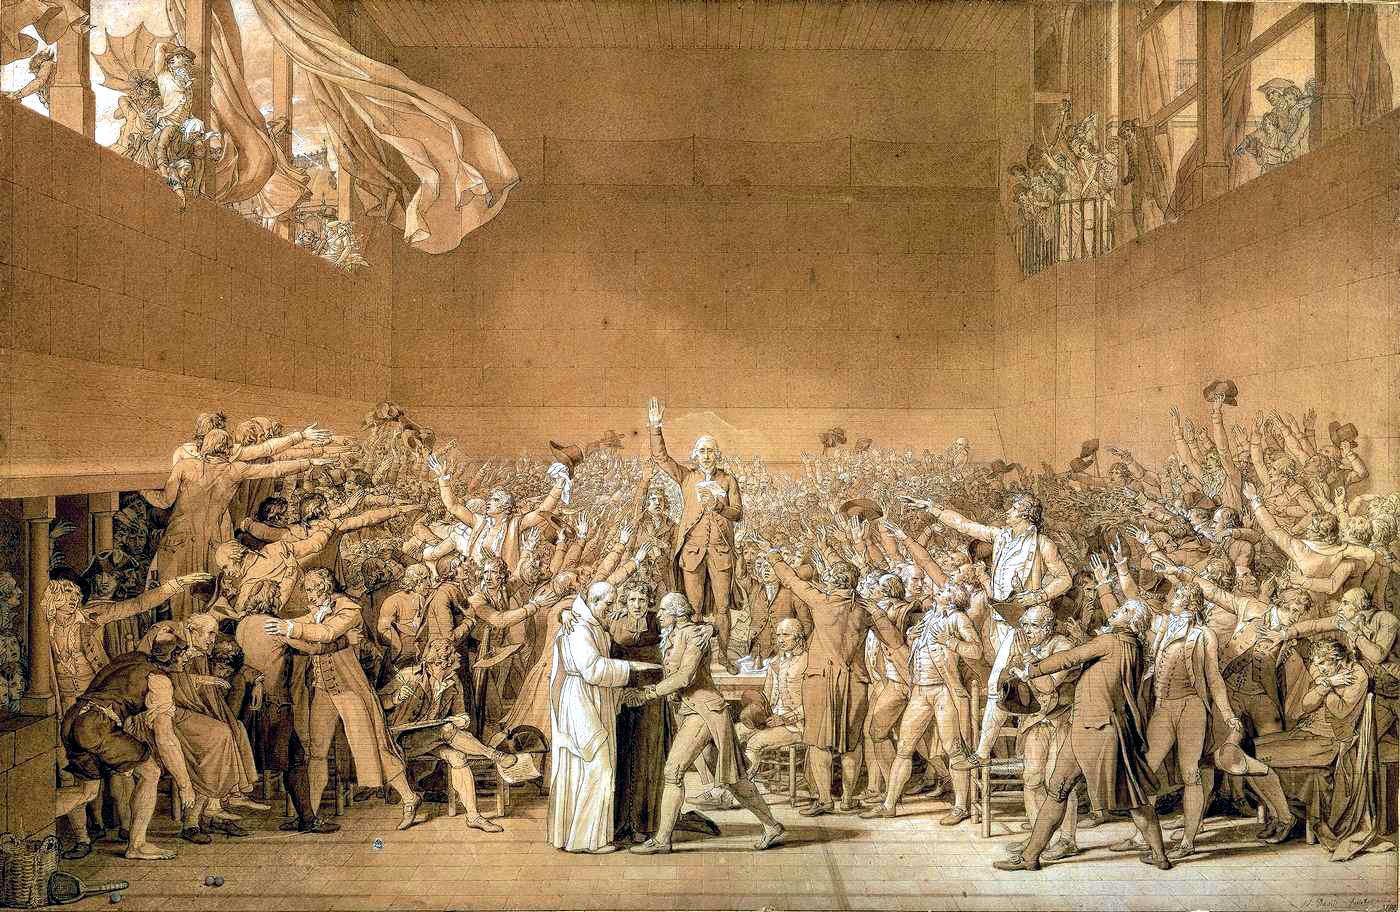 Der Ballhausschwur: Beginn der Französischen Revolution?